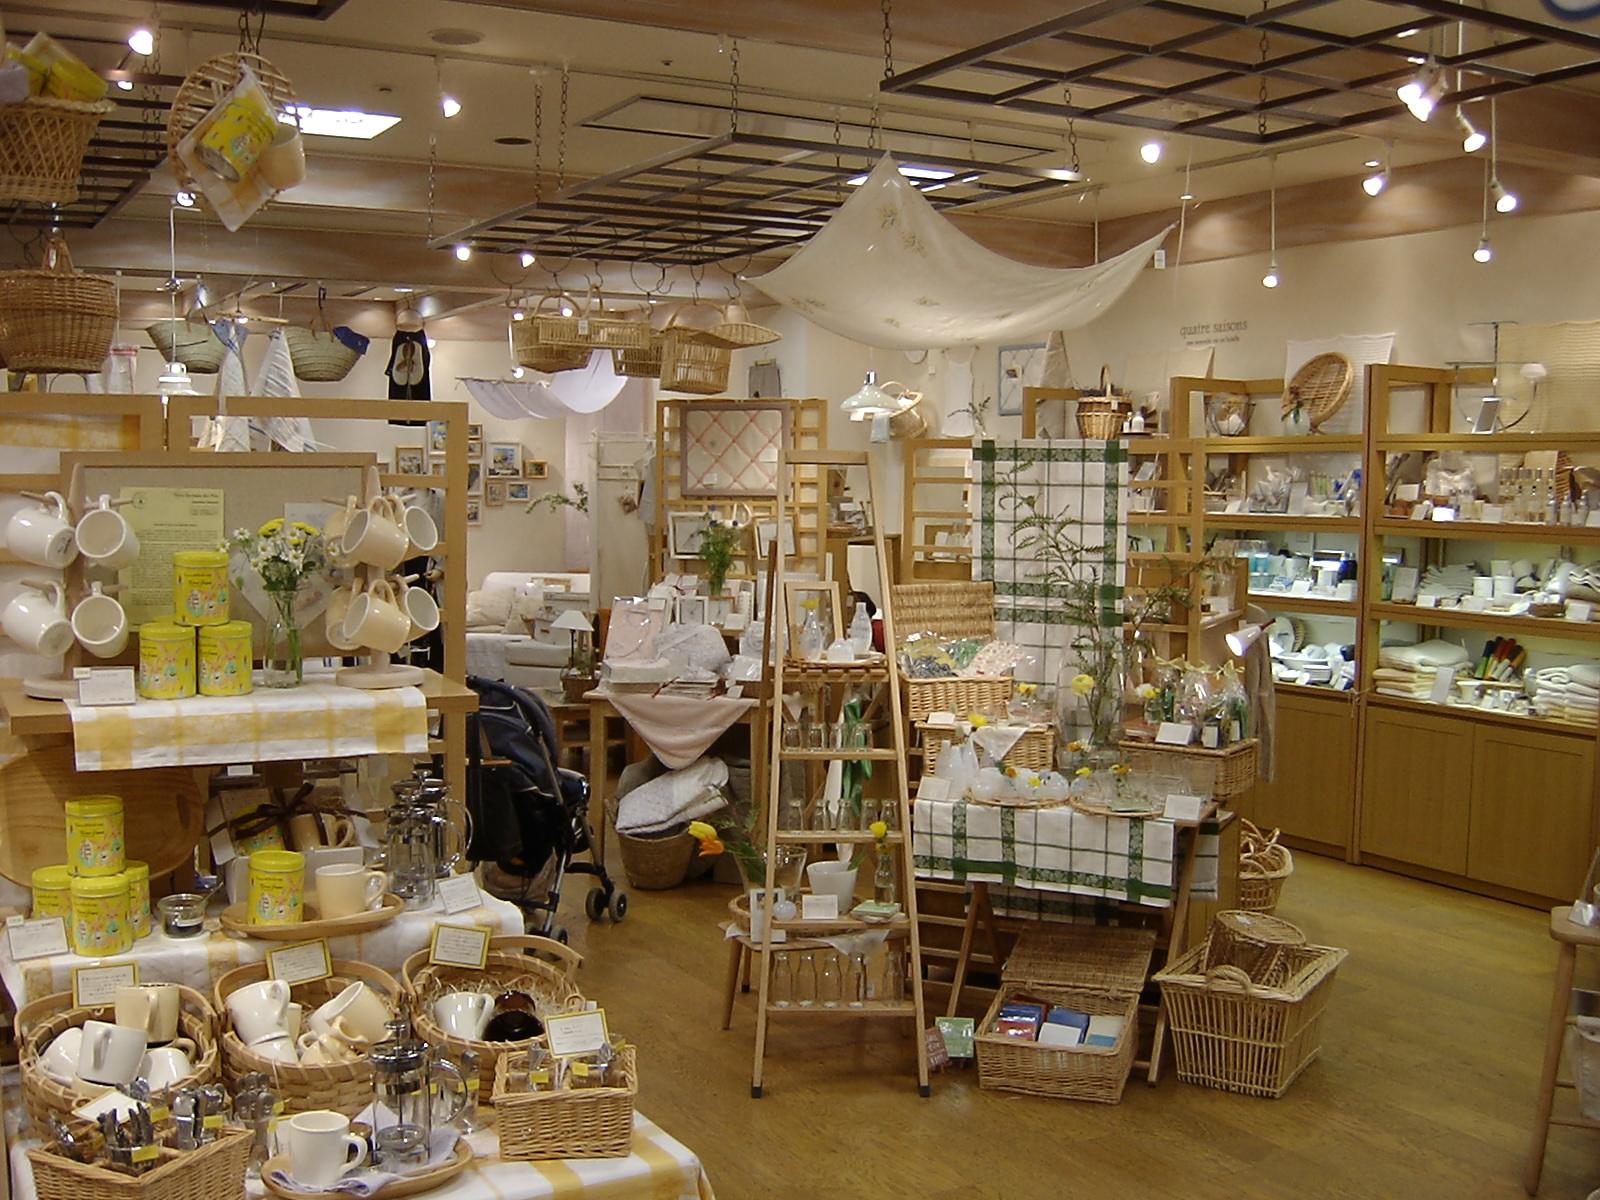 おしゃれでかわいい雑貨を見つけよう☆大阪で人気の雑貨屋さんは?のサムネイル画像